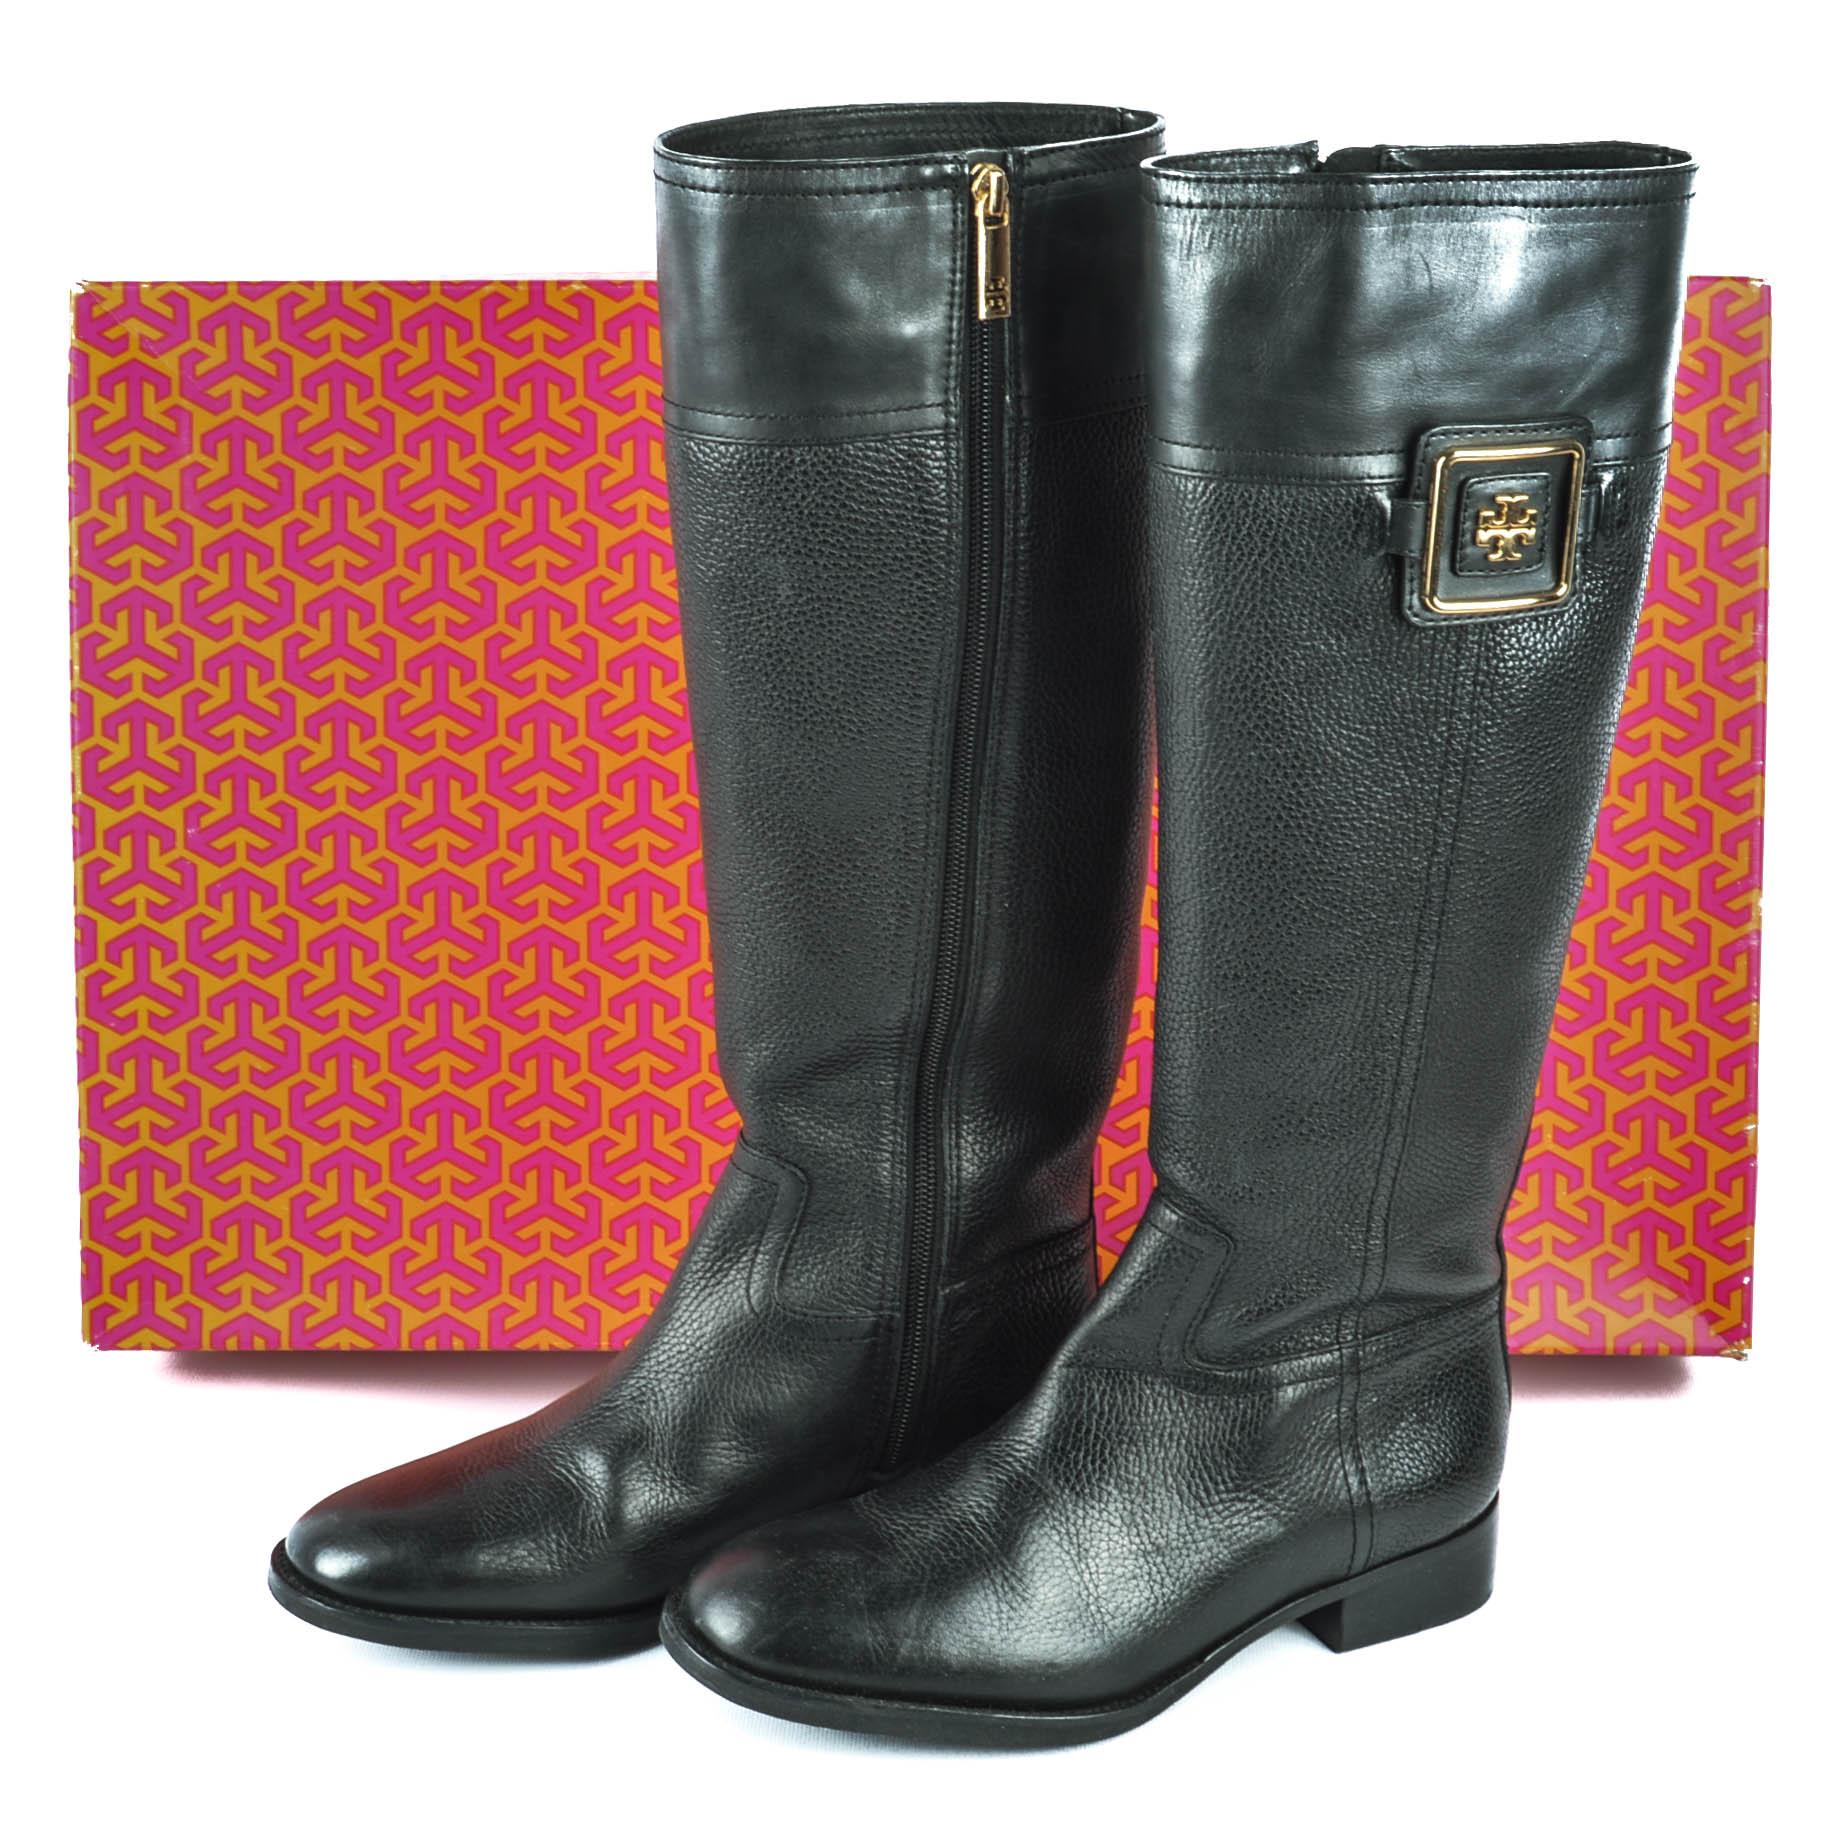 28212d8c7f3e ... sale tory burch black leather julian riding boots 82dcc 2832a